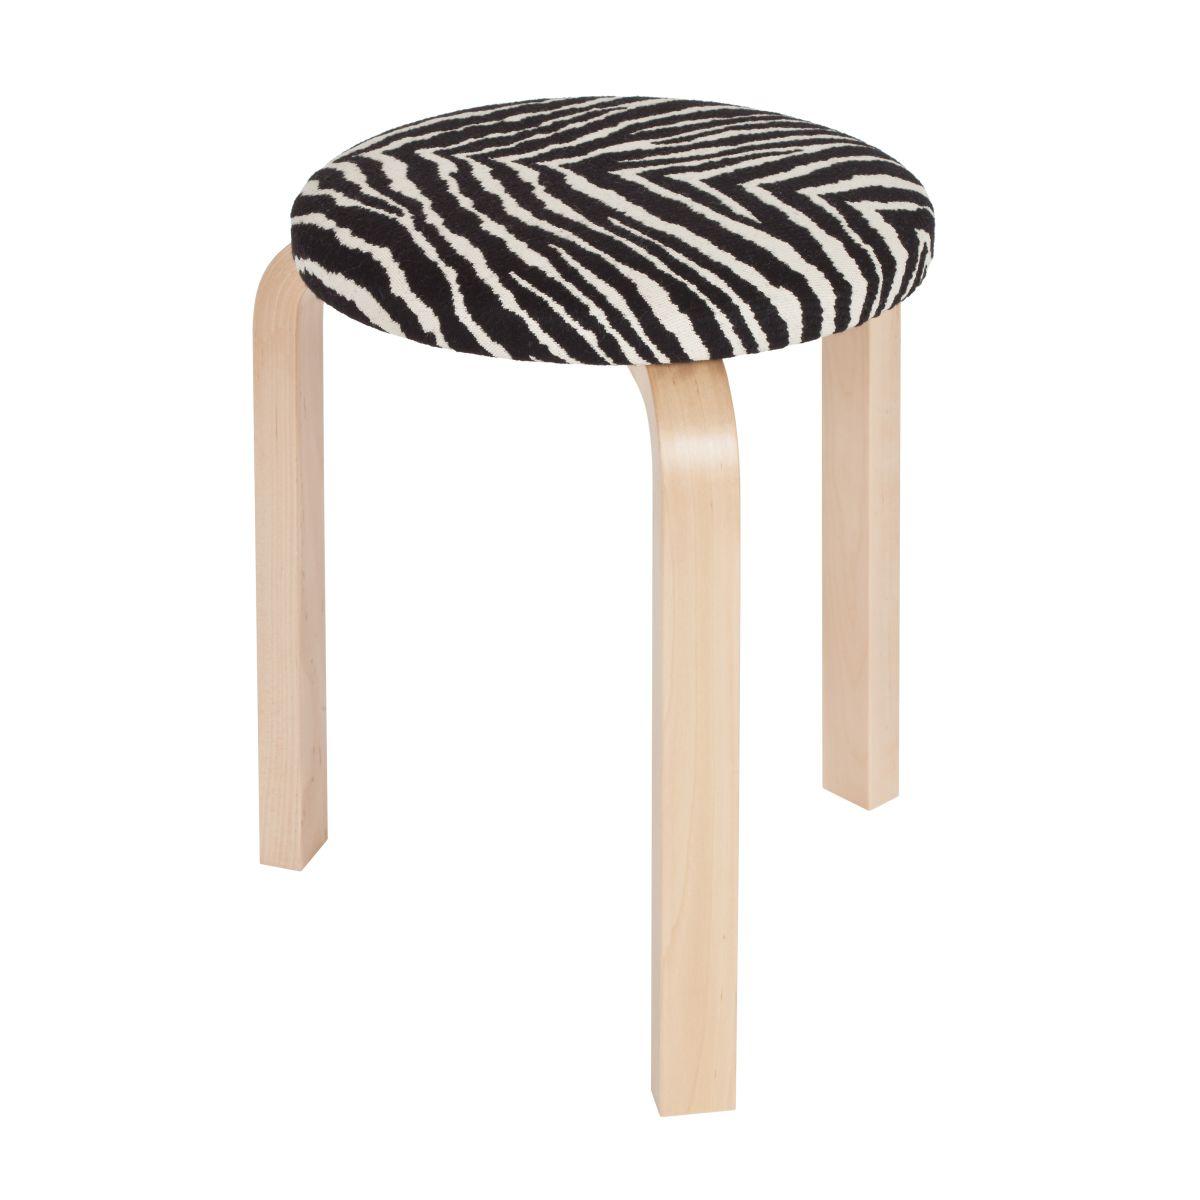 Stool-60-Zebra-Upholstery